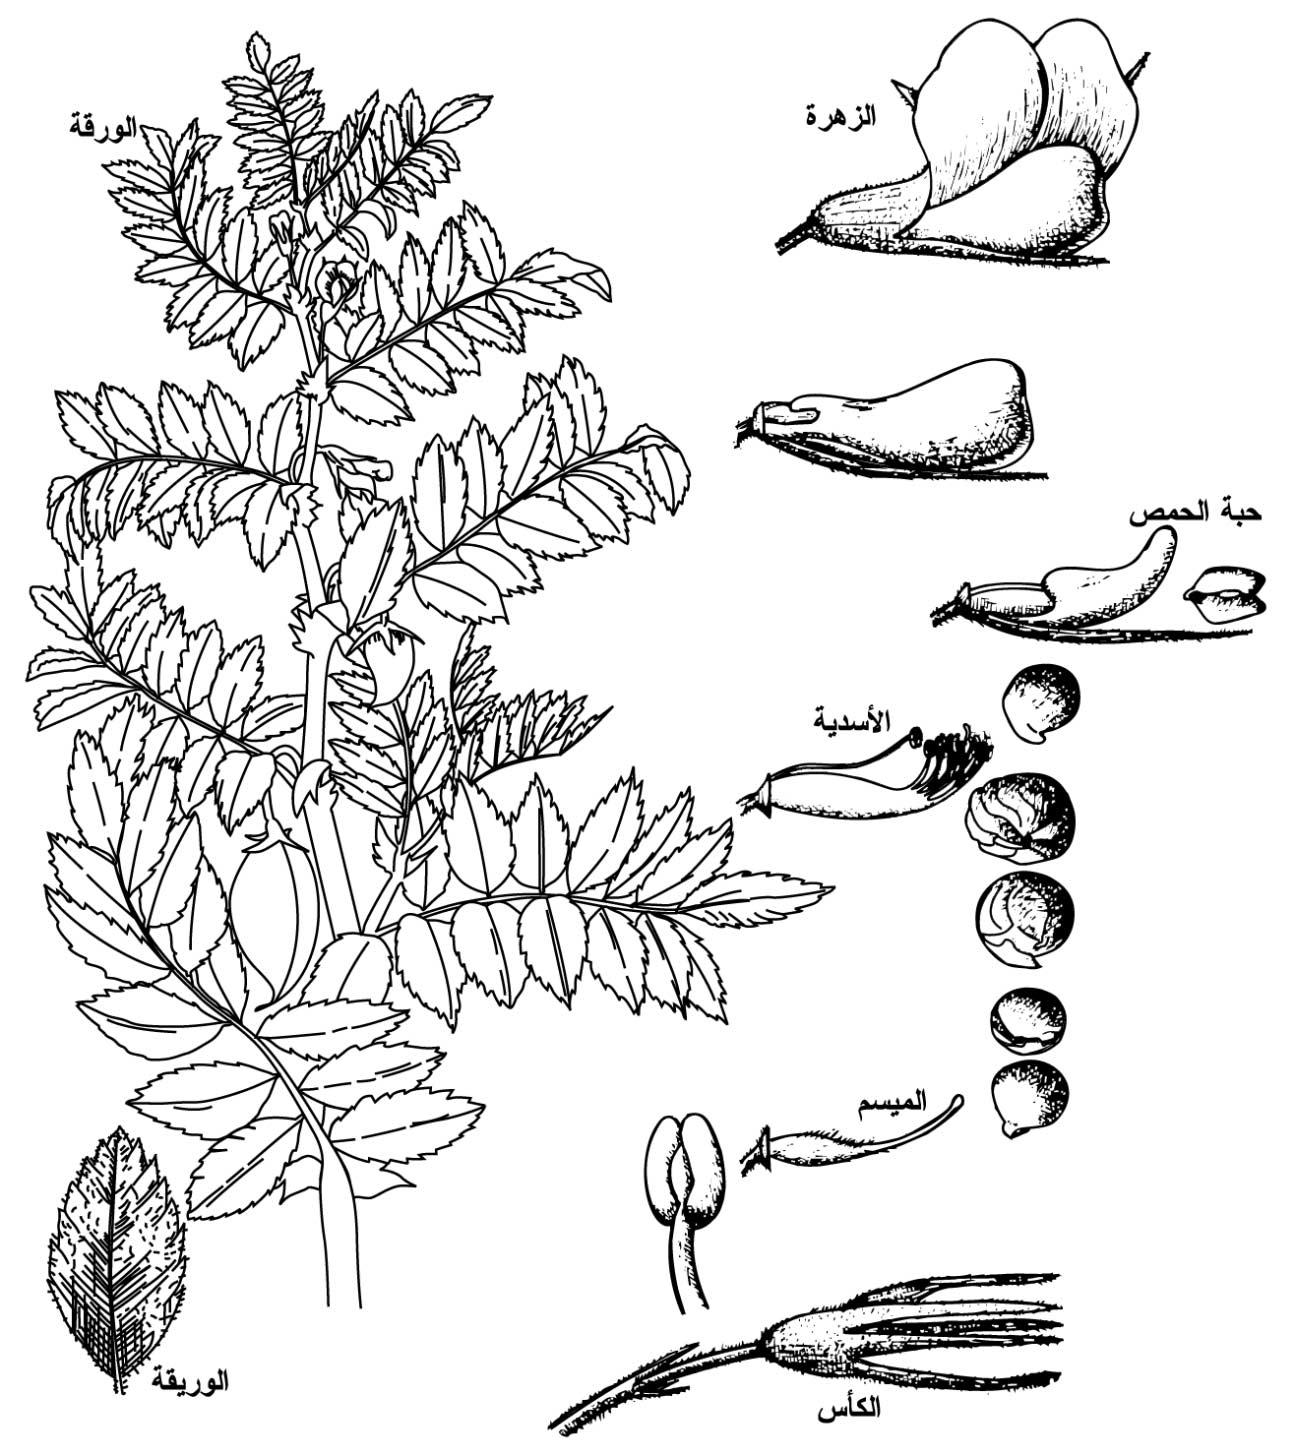 الحمص,زراعة الحمص,معلومات 184925.jpg